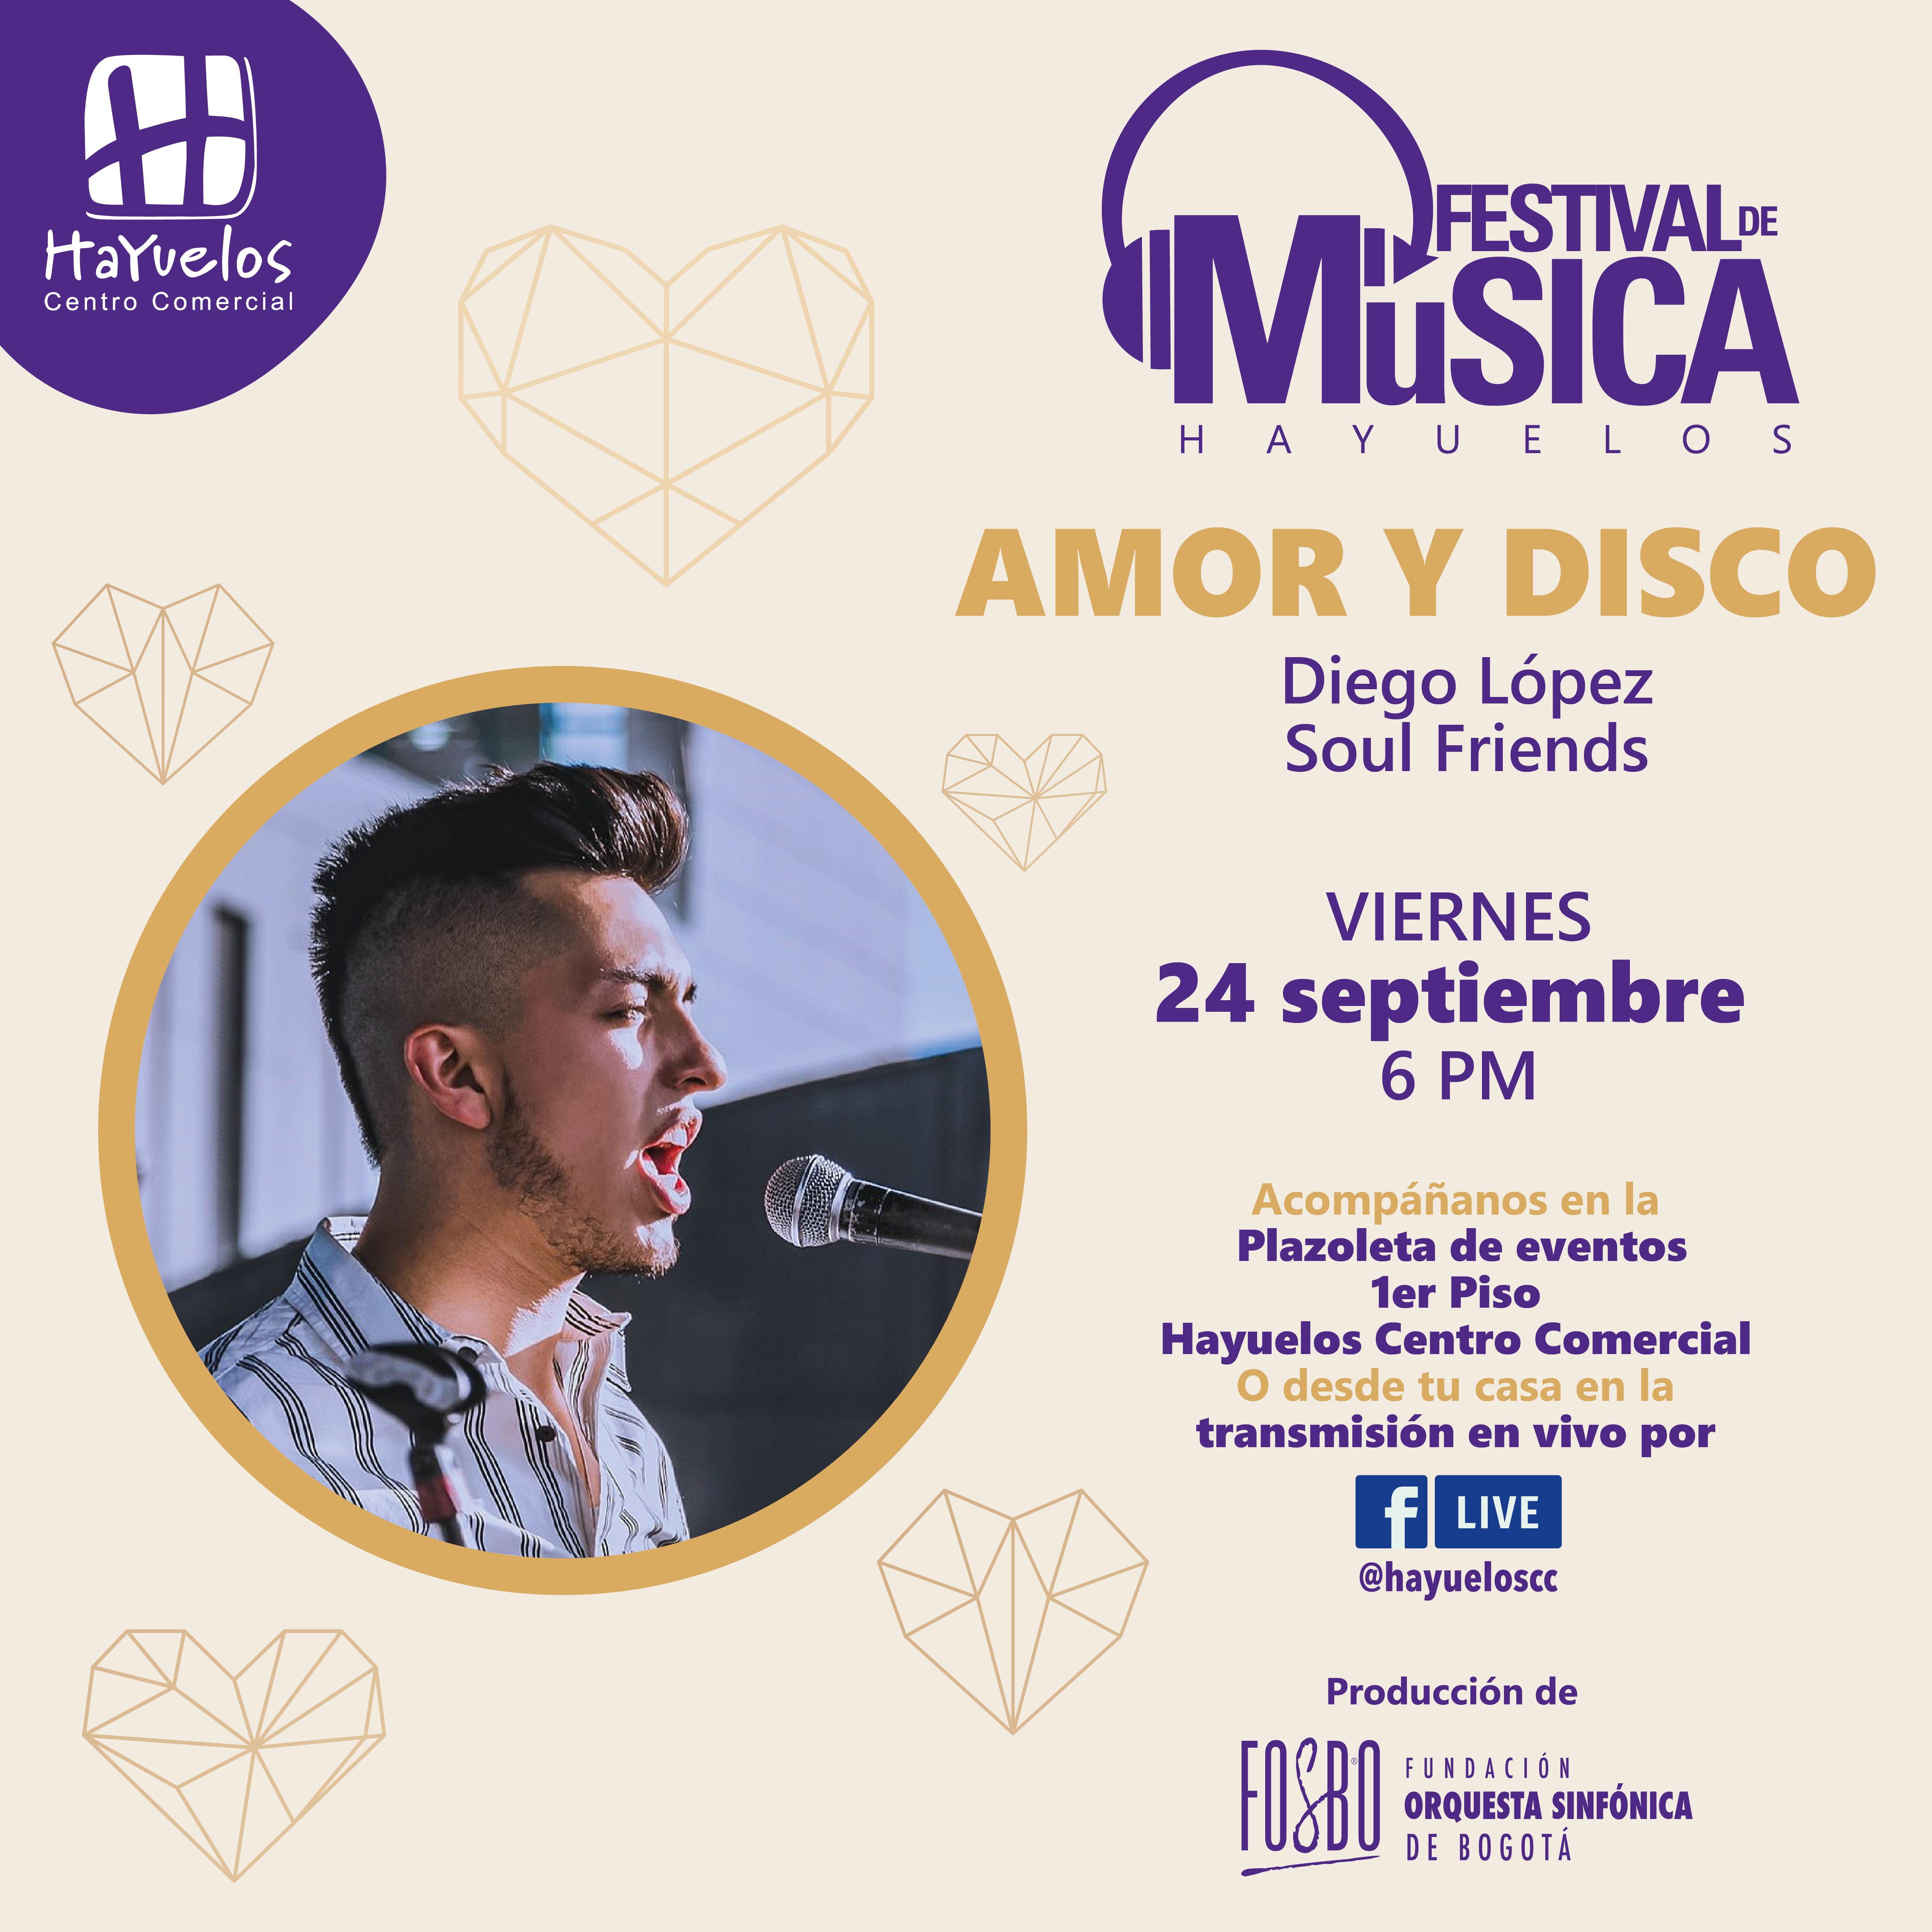 Festival de música Diego Hayuelos Fosbo